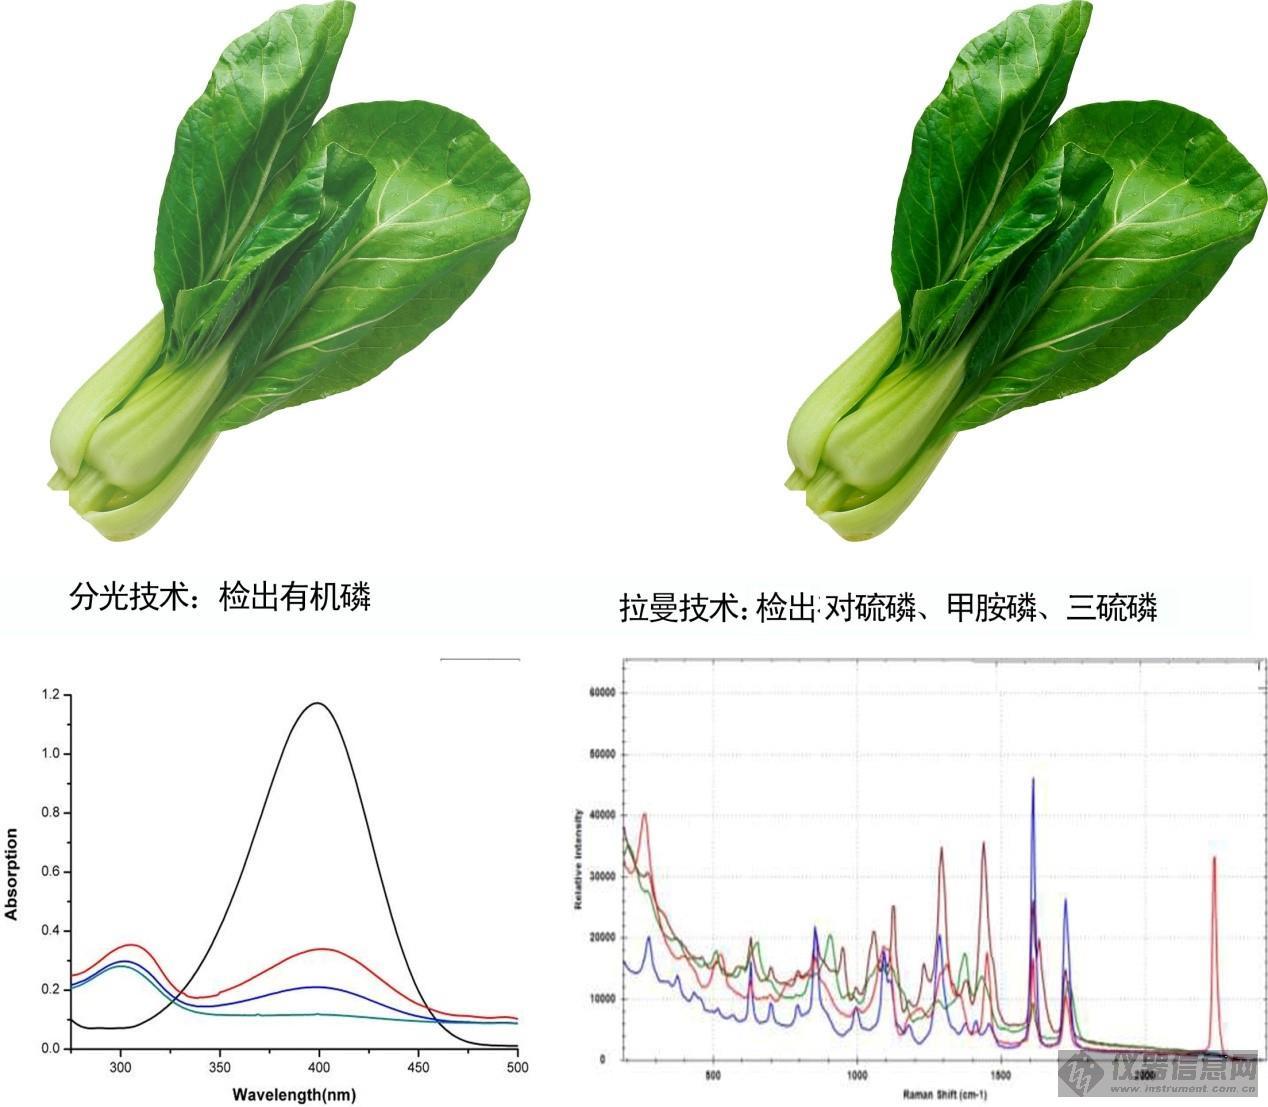 果蔬有机磷拉曼光谱图